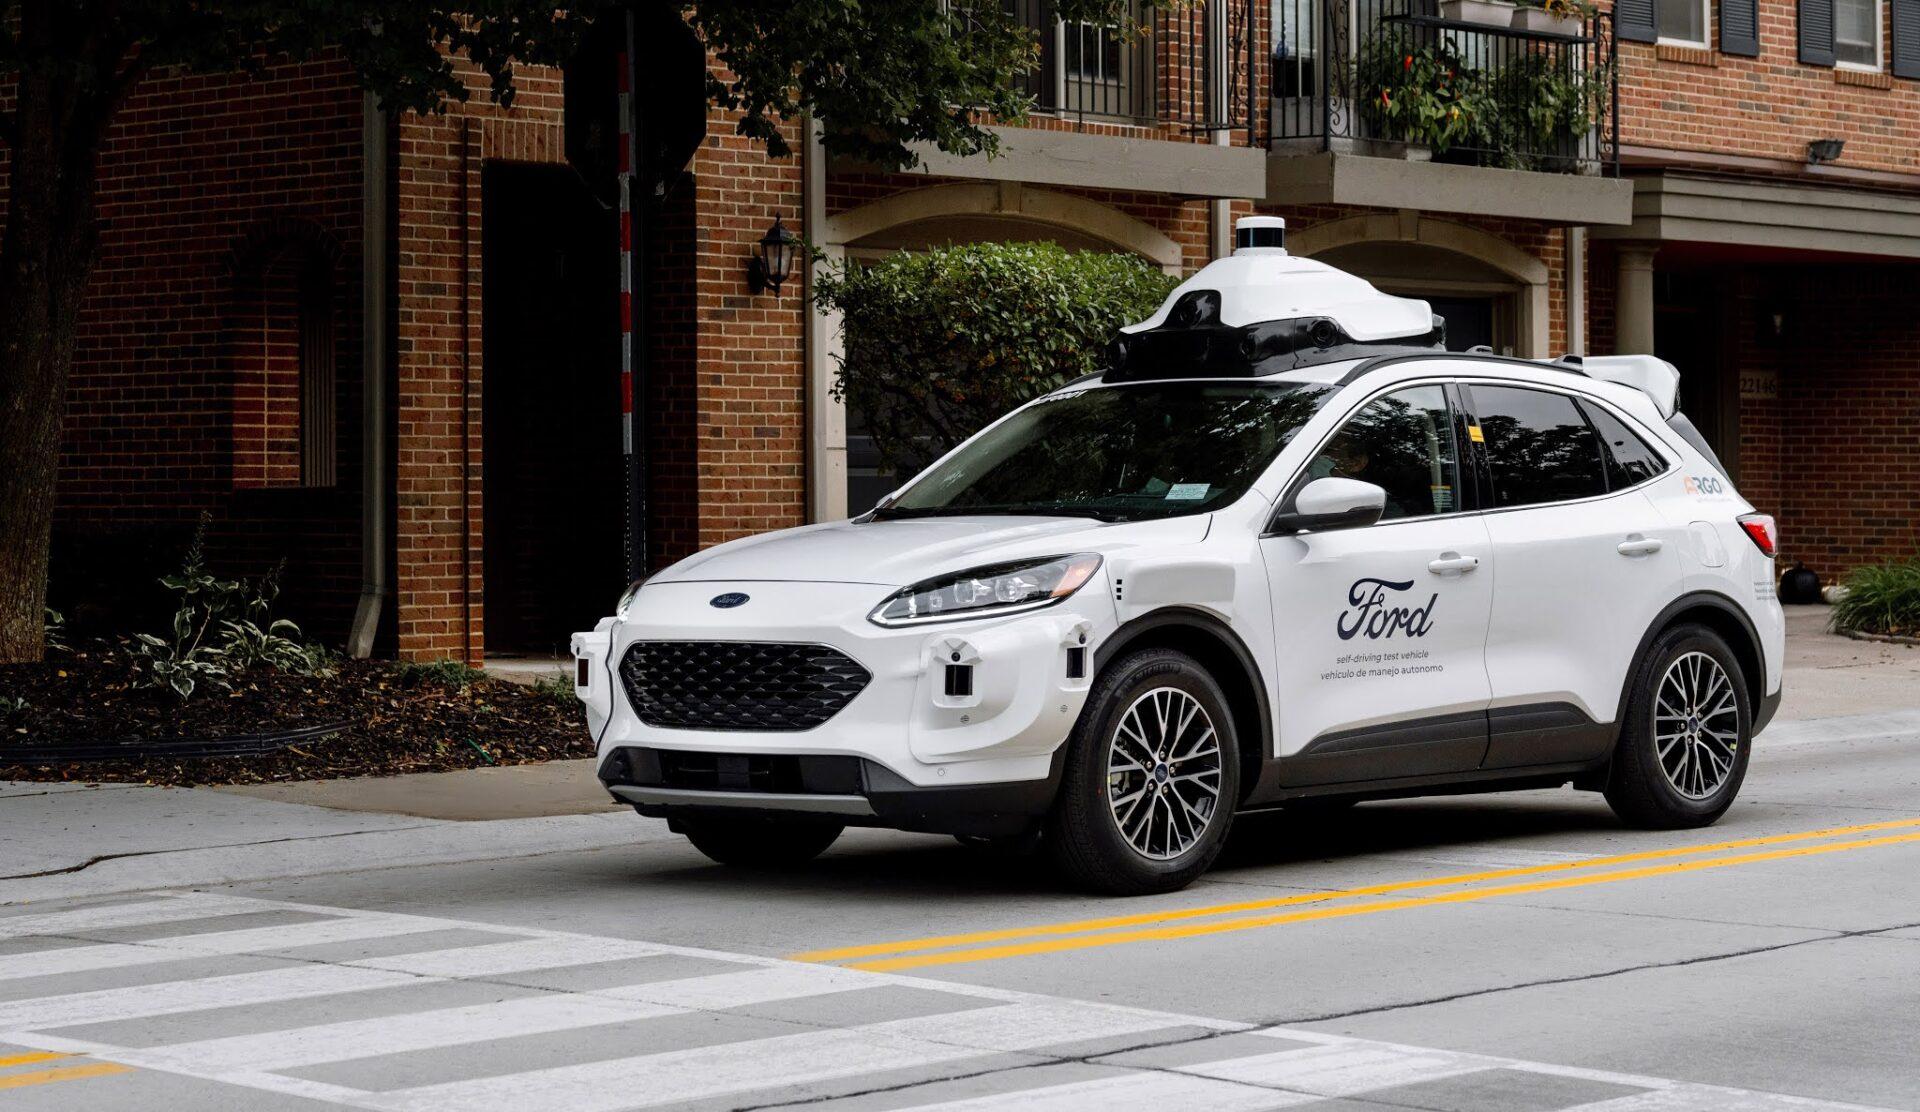 Ford Escape robotaxi